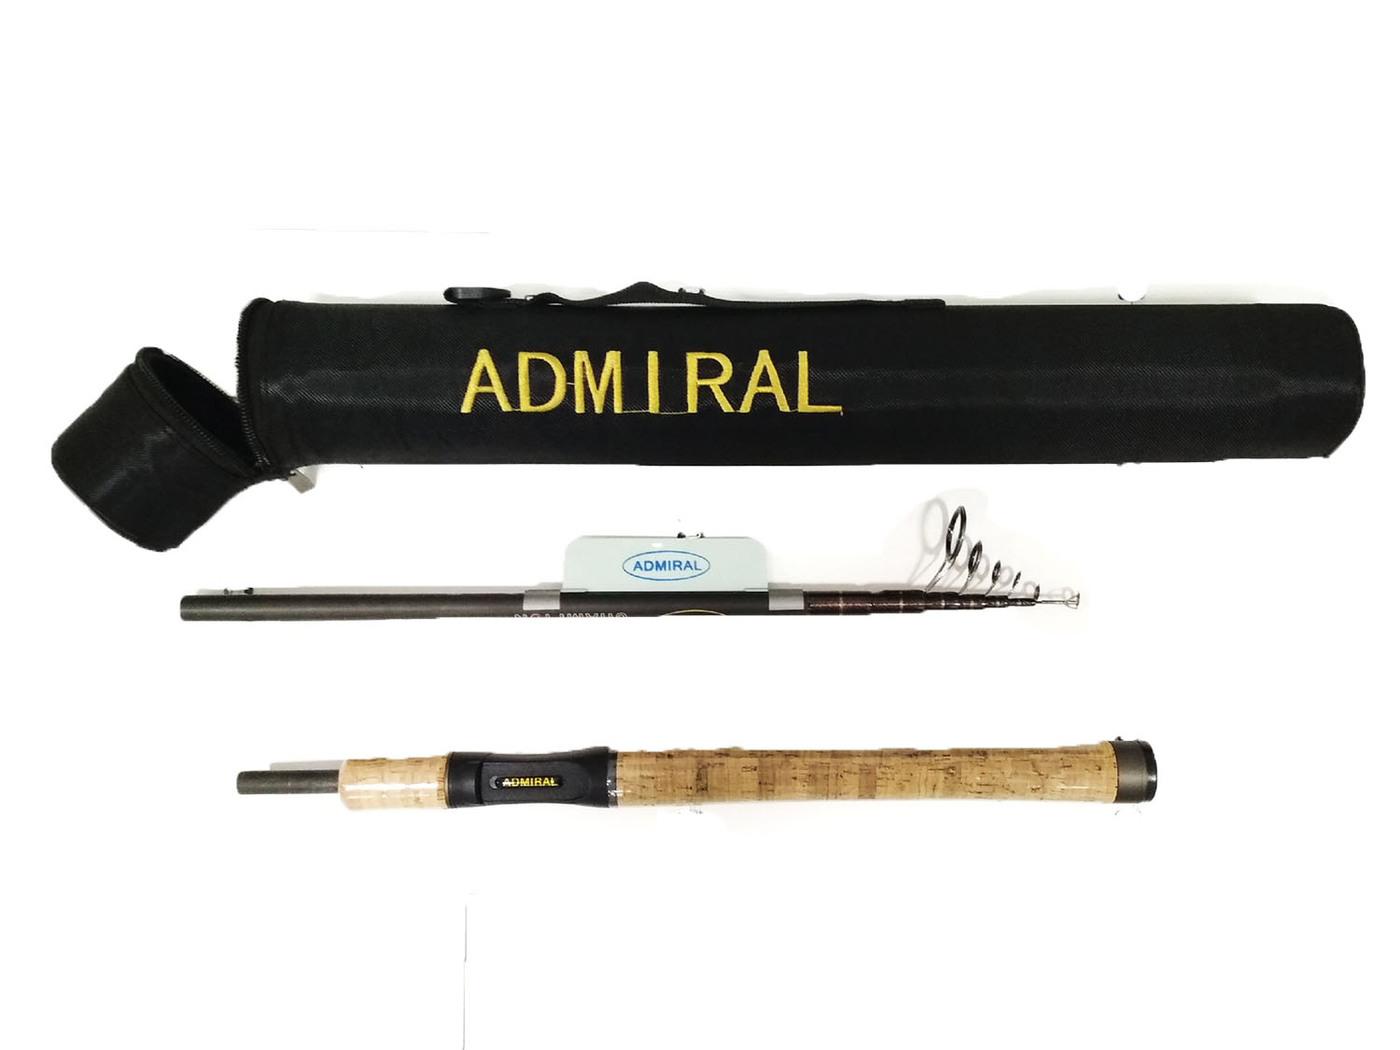 Спиннинг в тубусе ADMIRAL 210см тест 10-30